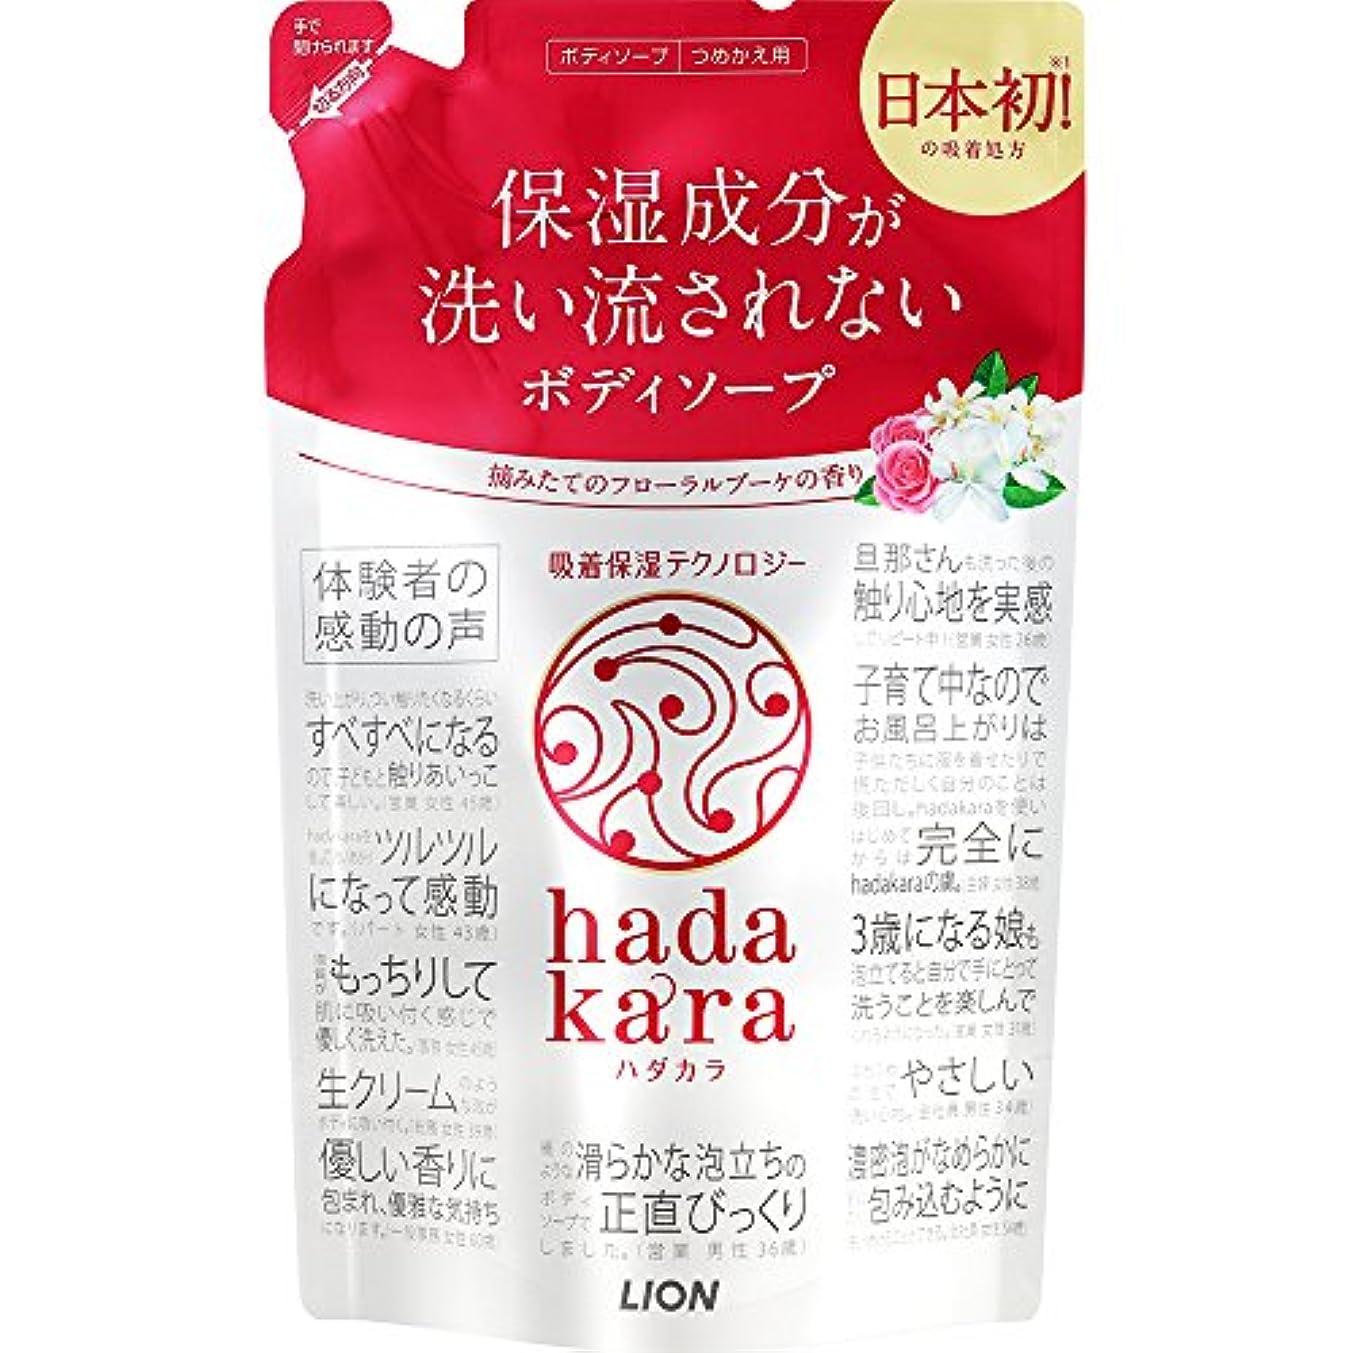 委任する金貸し登録hadakara(ハダカラ) ボディソープ フローラルブーケの香り 詰め替え 360ml